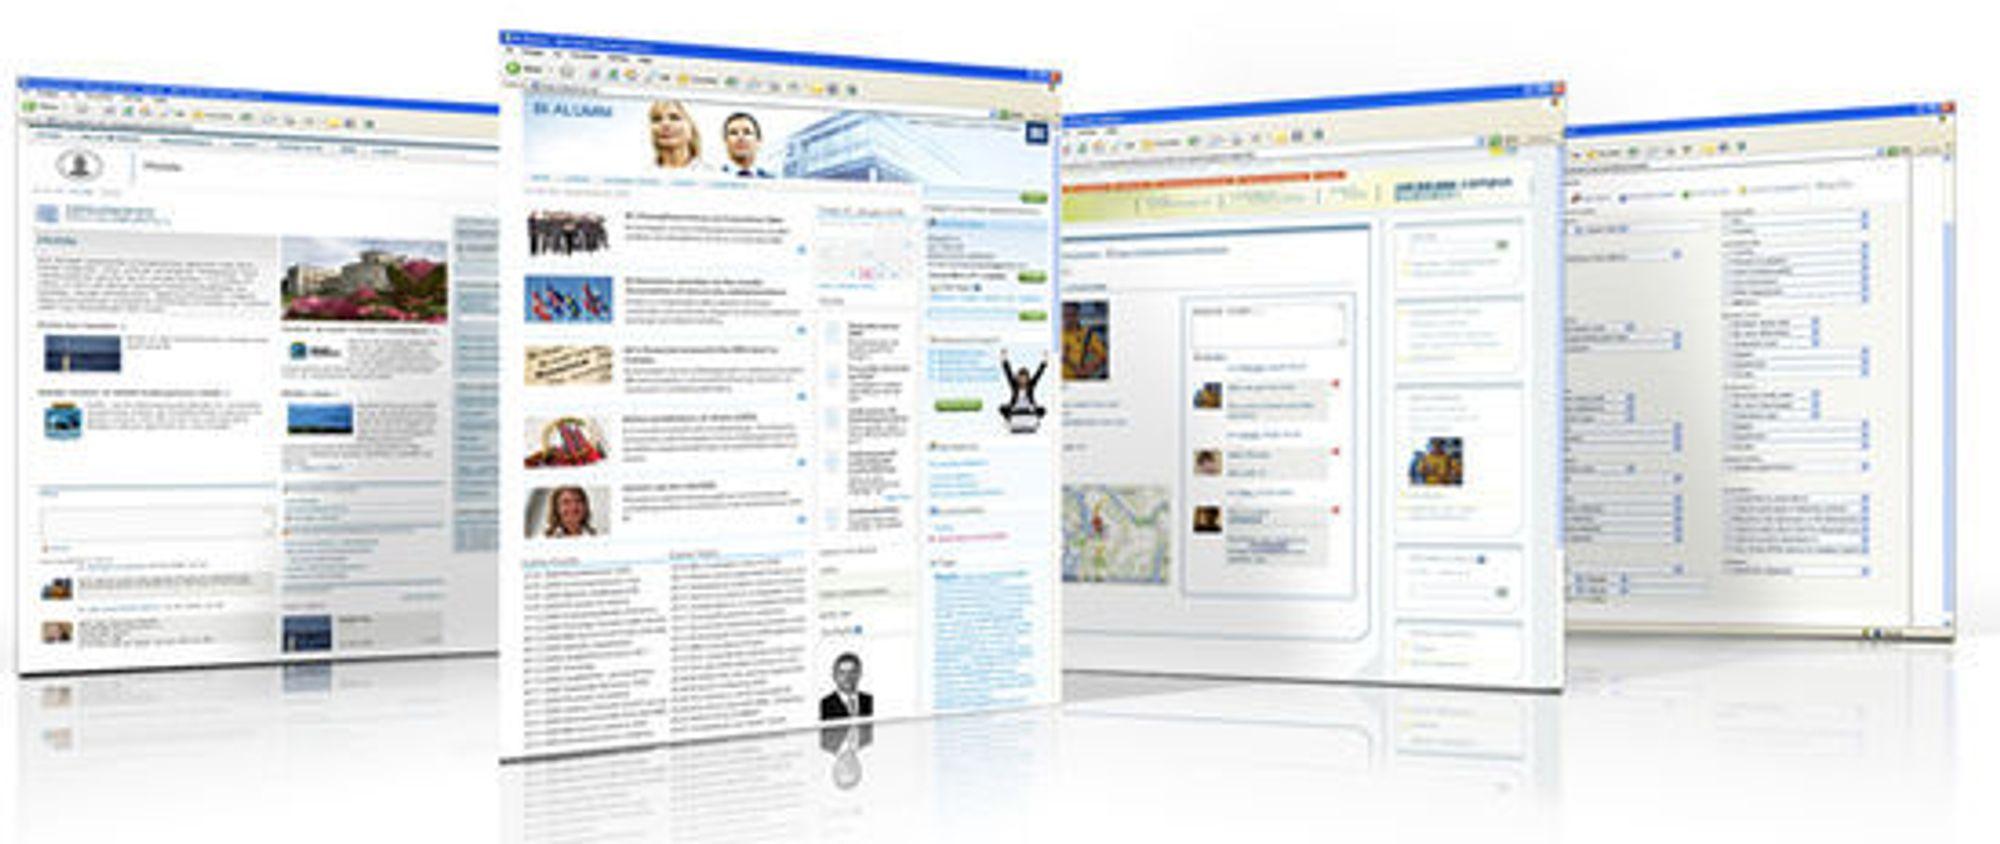 Skjermbildene i Netenvirons løsninger minner om kjente sosiale medier, samtidig som de er skreddersydde behovene og ønskene til den enkelte organisasjonen.